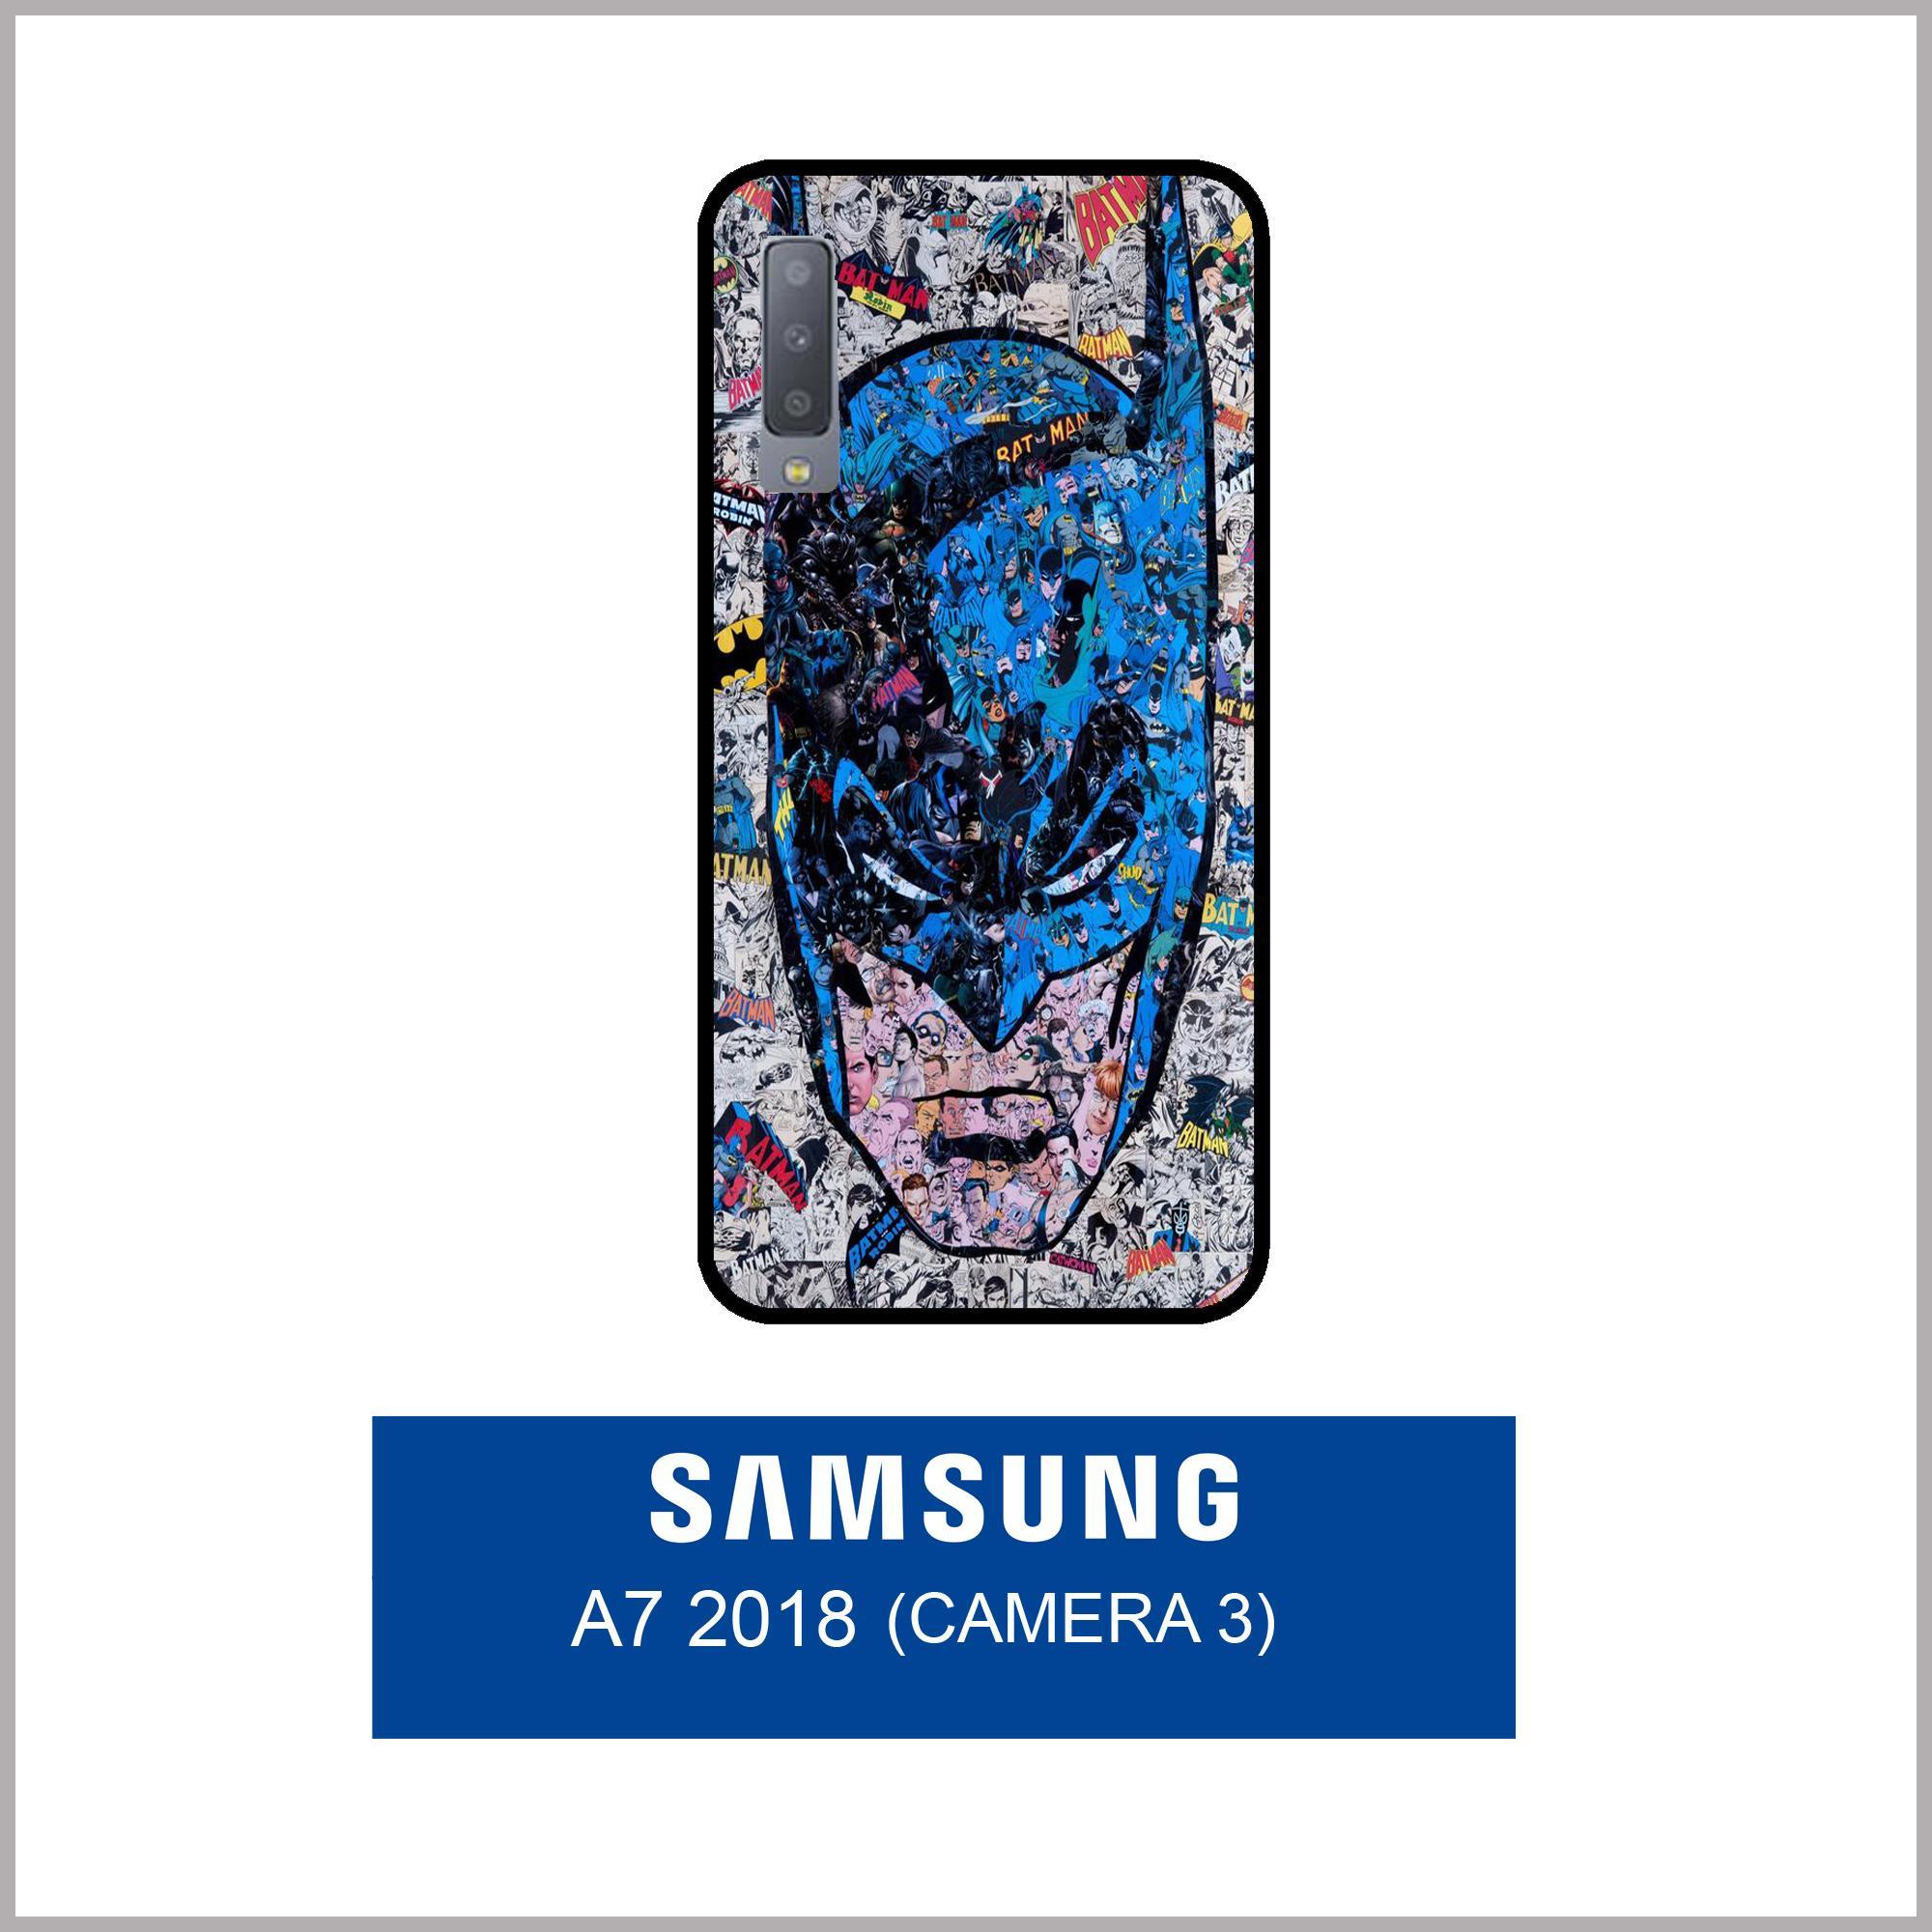 Case Fashion Printing For Samsung Galaxy A7 2018 (3 Camera) - 12